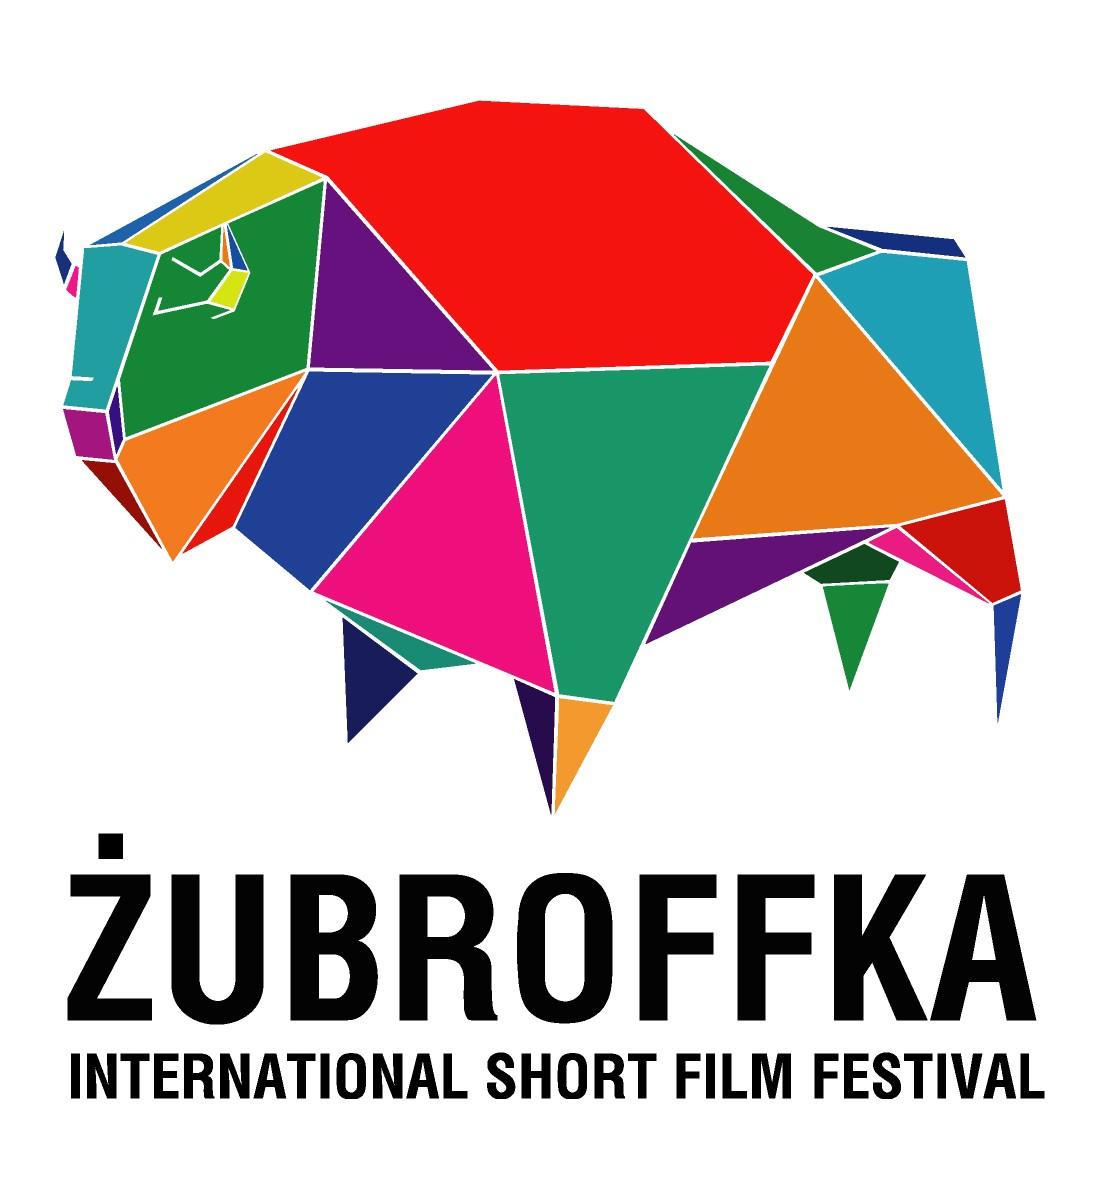 Międzynarodowy Festiwal Filmów Krótkometrażowych ŻubrOFFka (źródło: materiały prasowe organizatora)